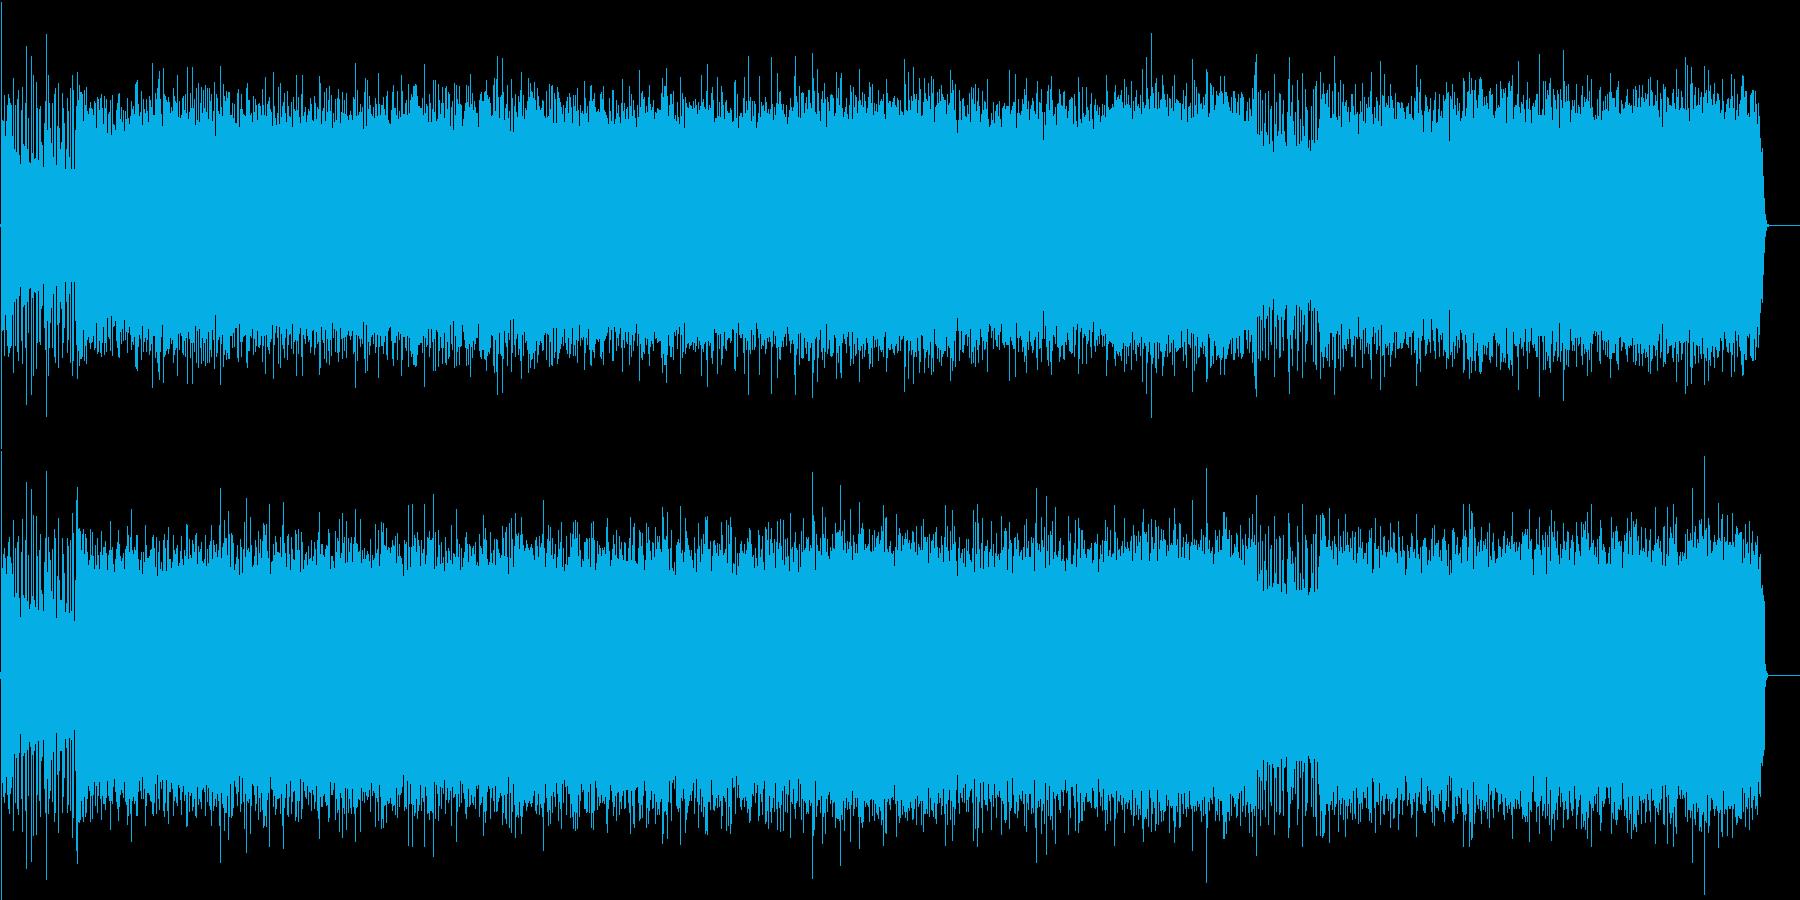 疾走するアメリカンロック(フルサイズ)の再生済みの波形